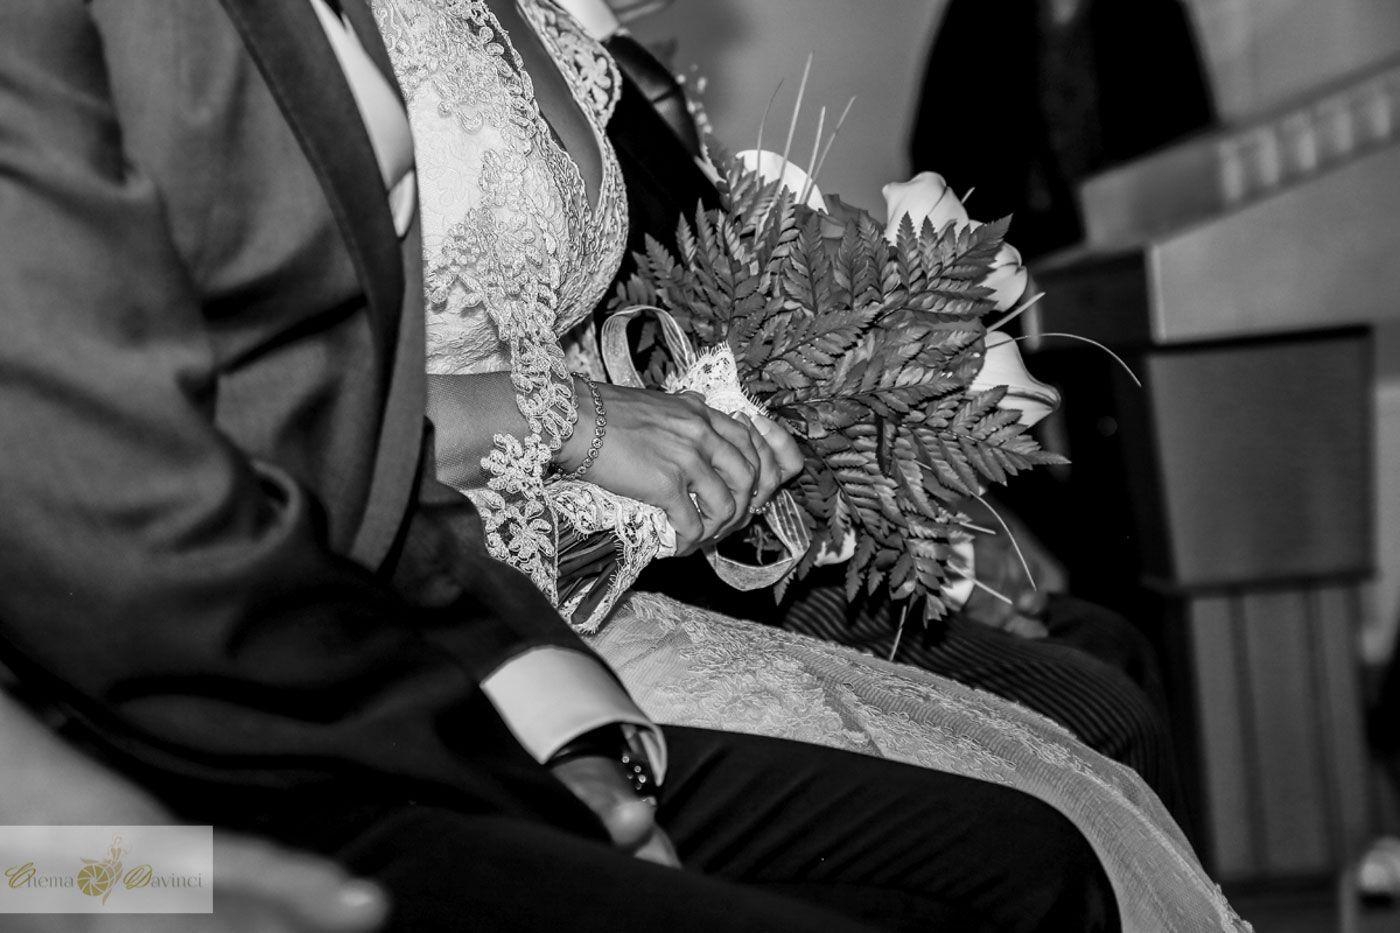 _MG_0993-iglesia-boda-lbertoypili-chemaydavinci-wb